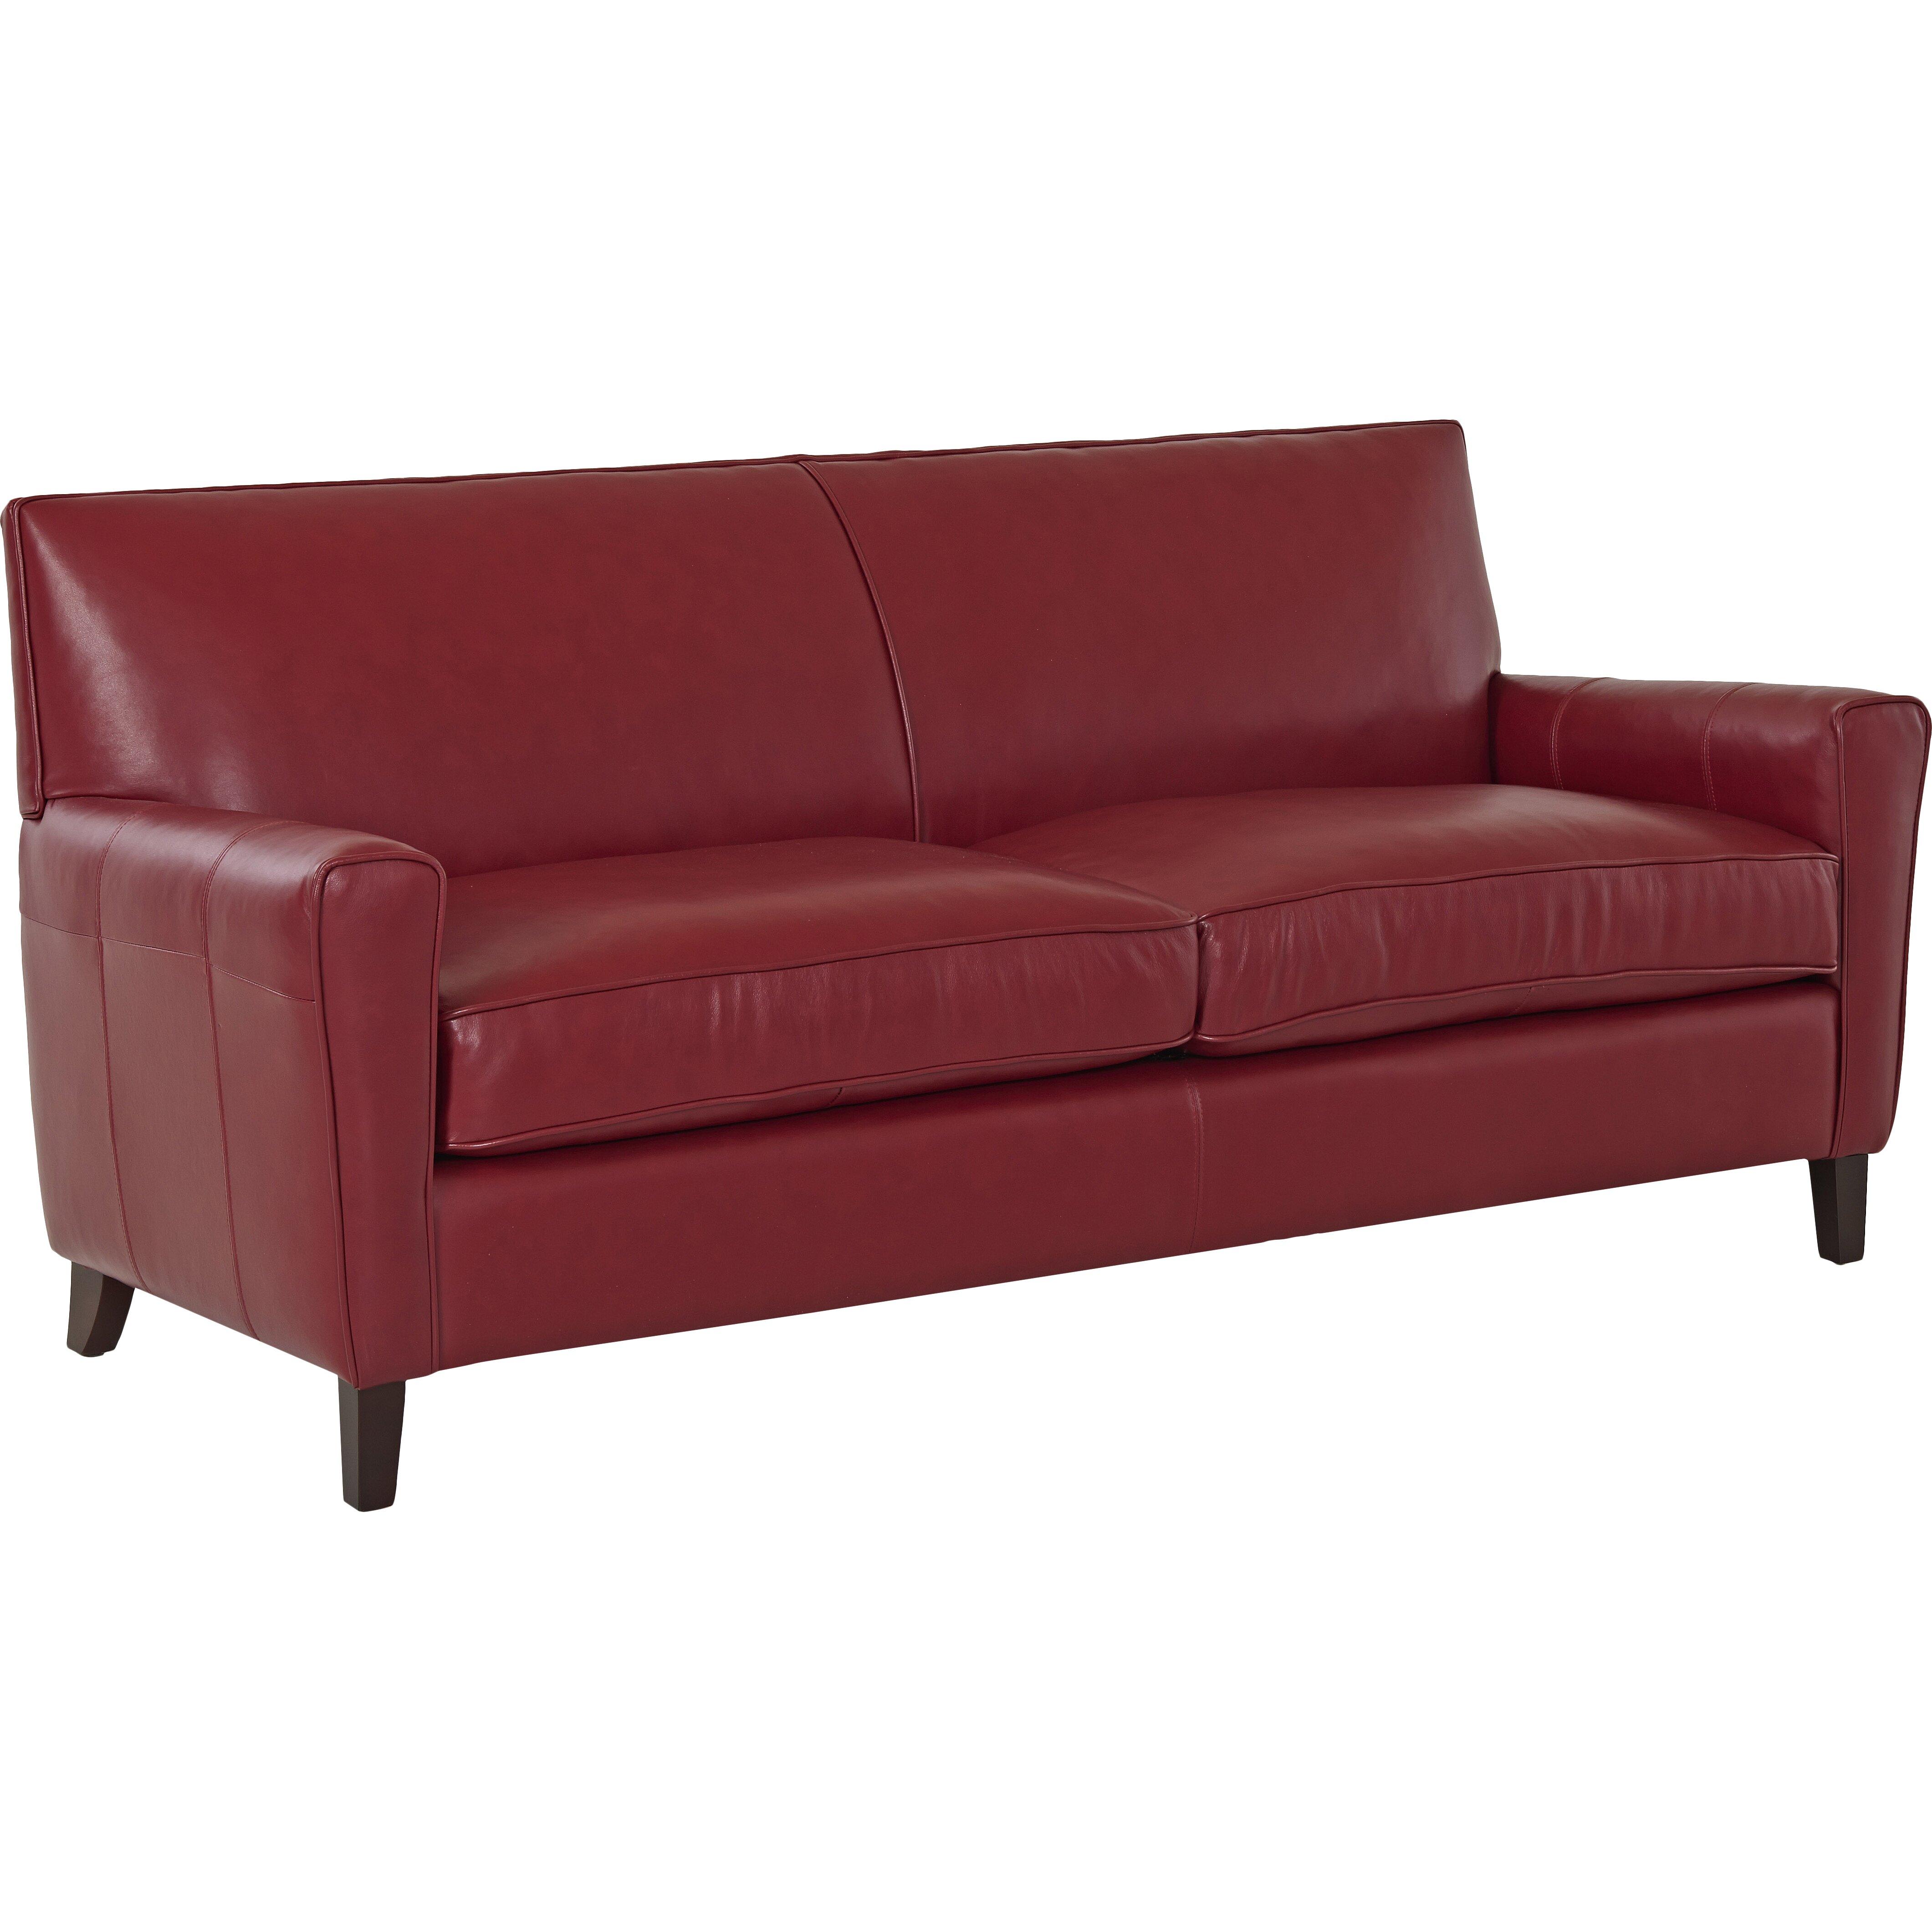 Wayfair custom upholstery grayson leather sofa reviews for Leather sofa reviews